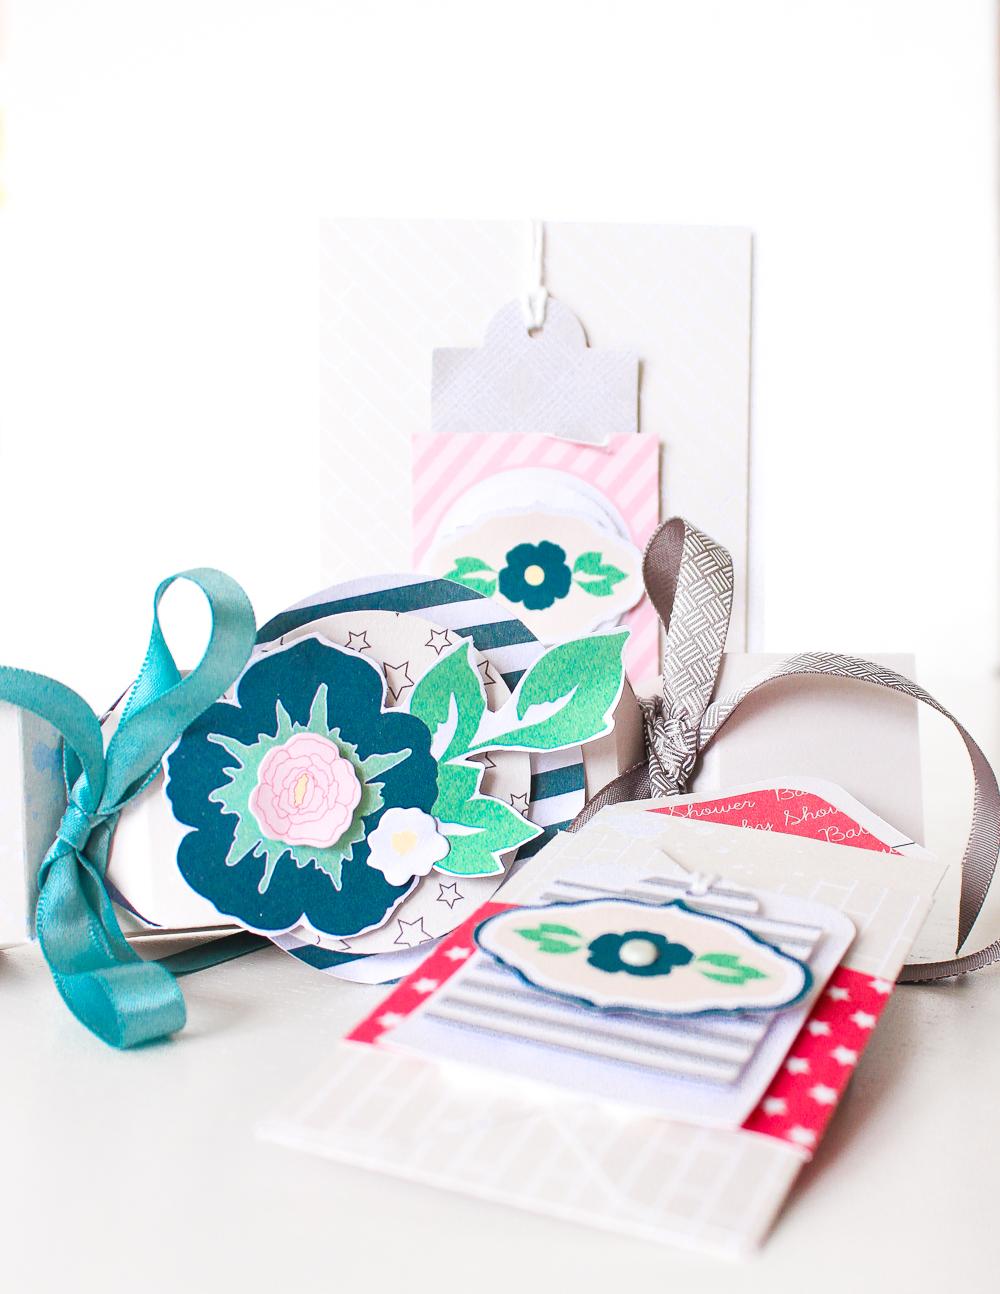 Geschenkverpackungen und Karte |Frühling und Ostern in Pastell von Janna Werner